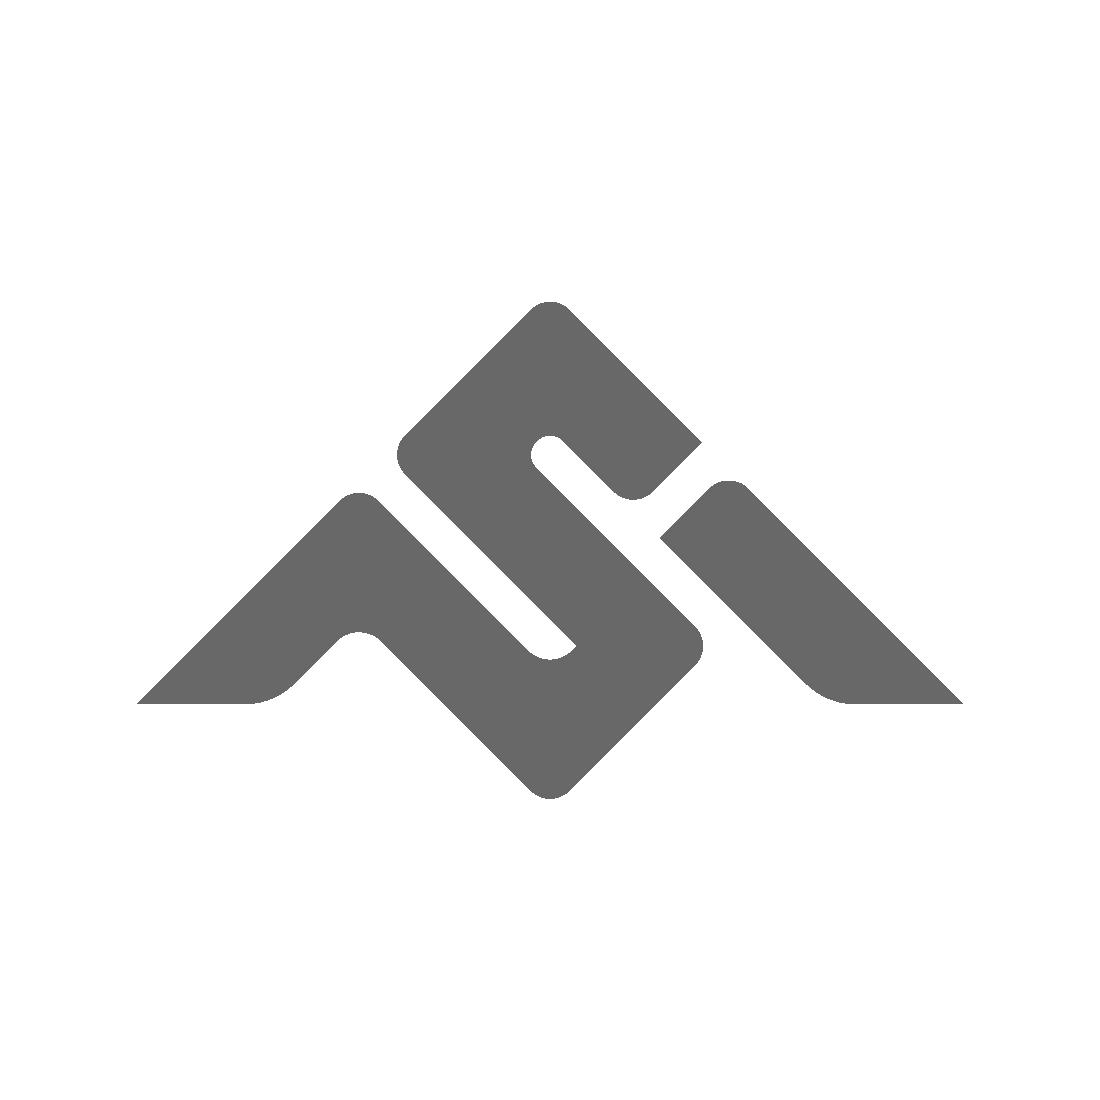 Soldes > boots snowboard vans homme > en stock